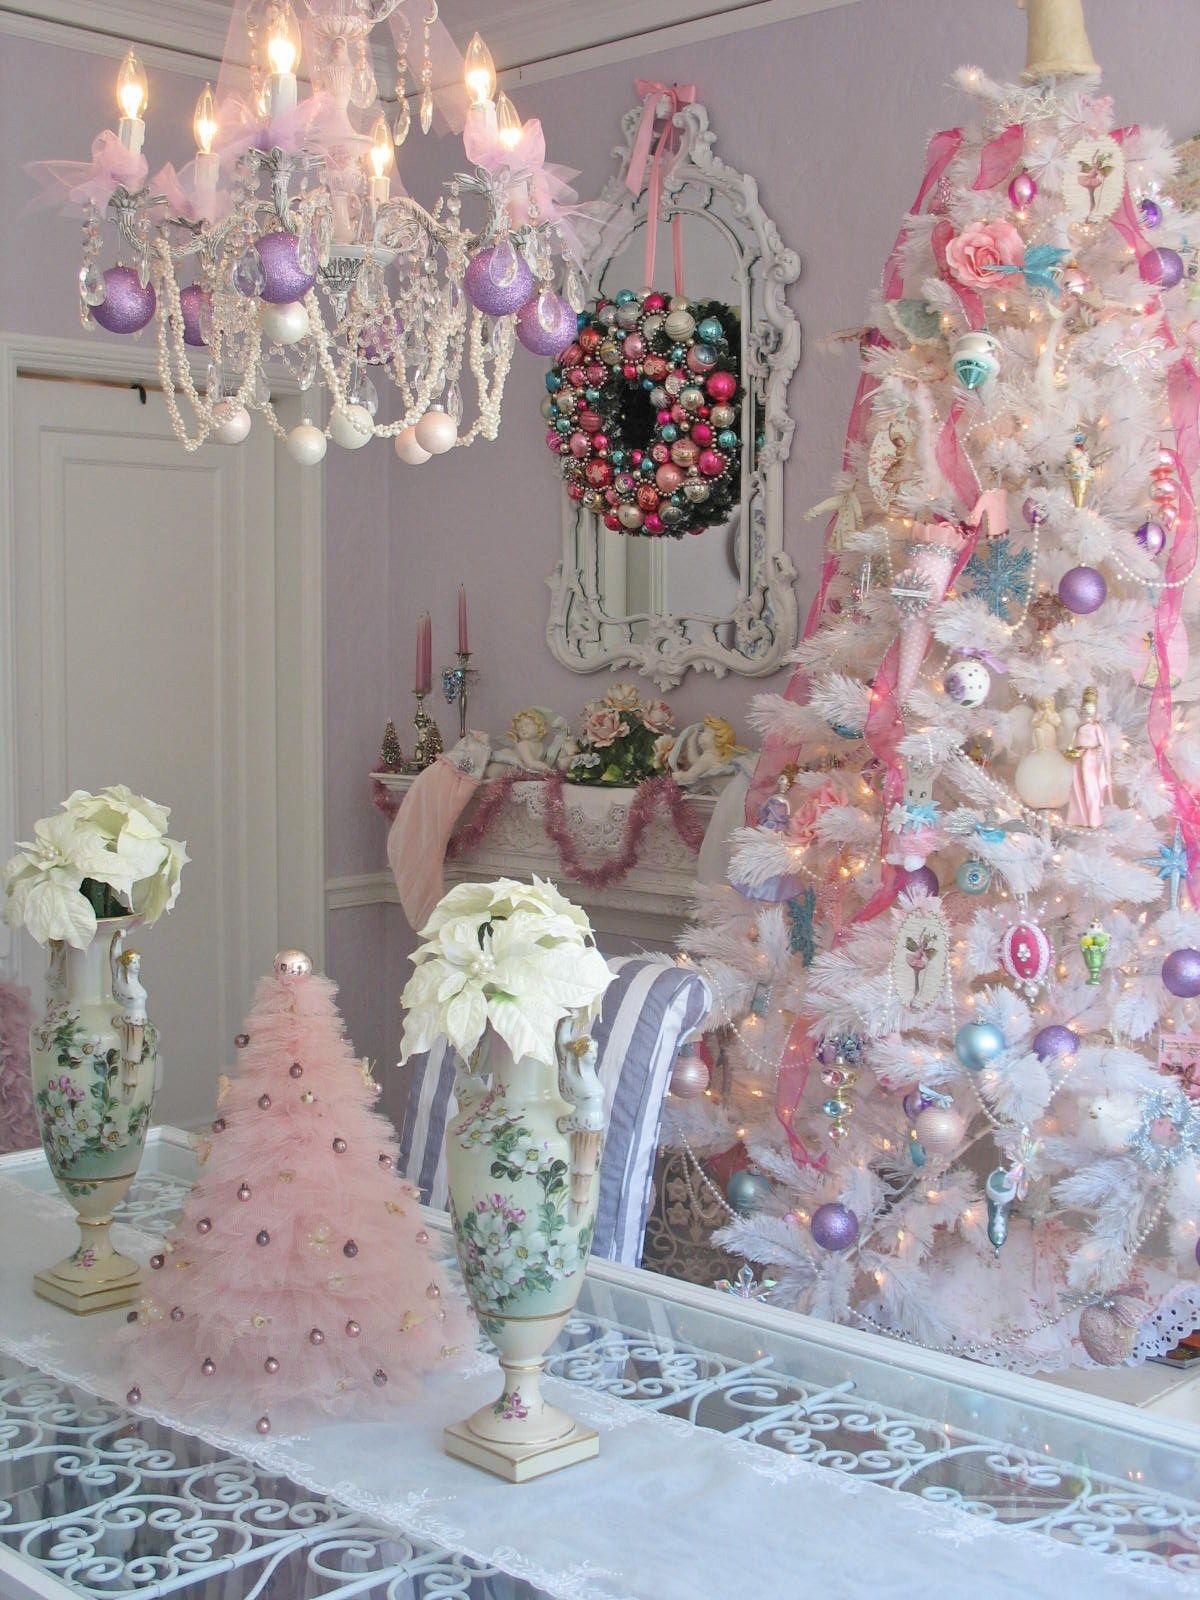 Decoración navideña en rosa | Decoración en tonos pastel, En tonos ...